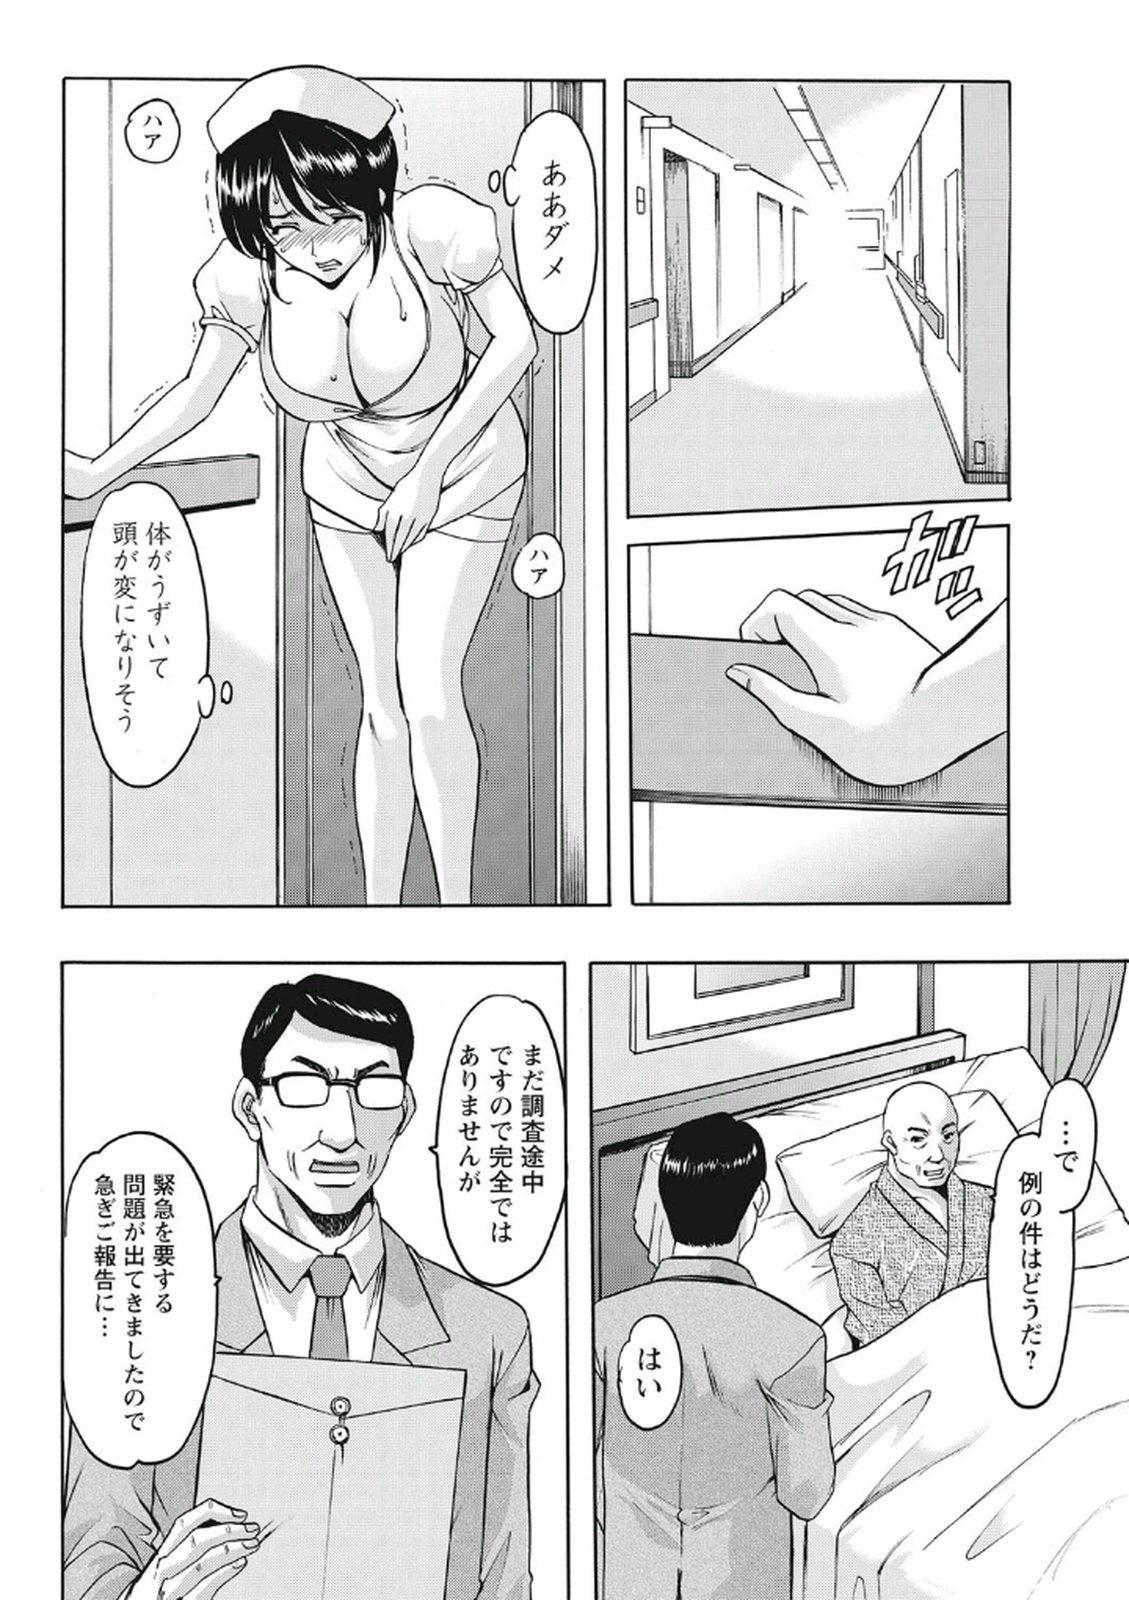 Chijoku Byoutou 163